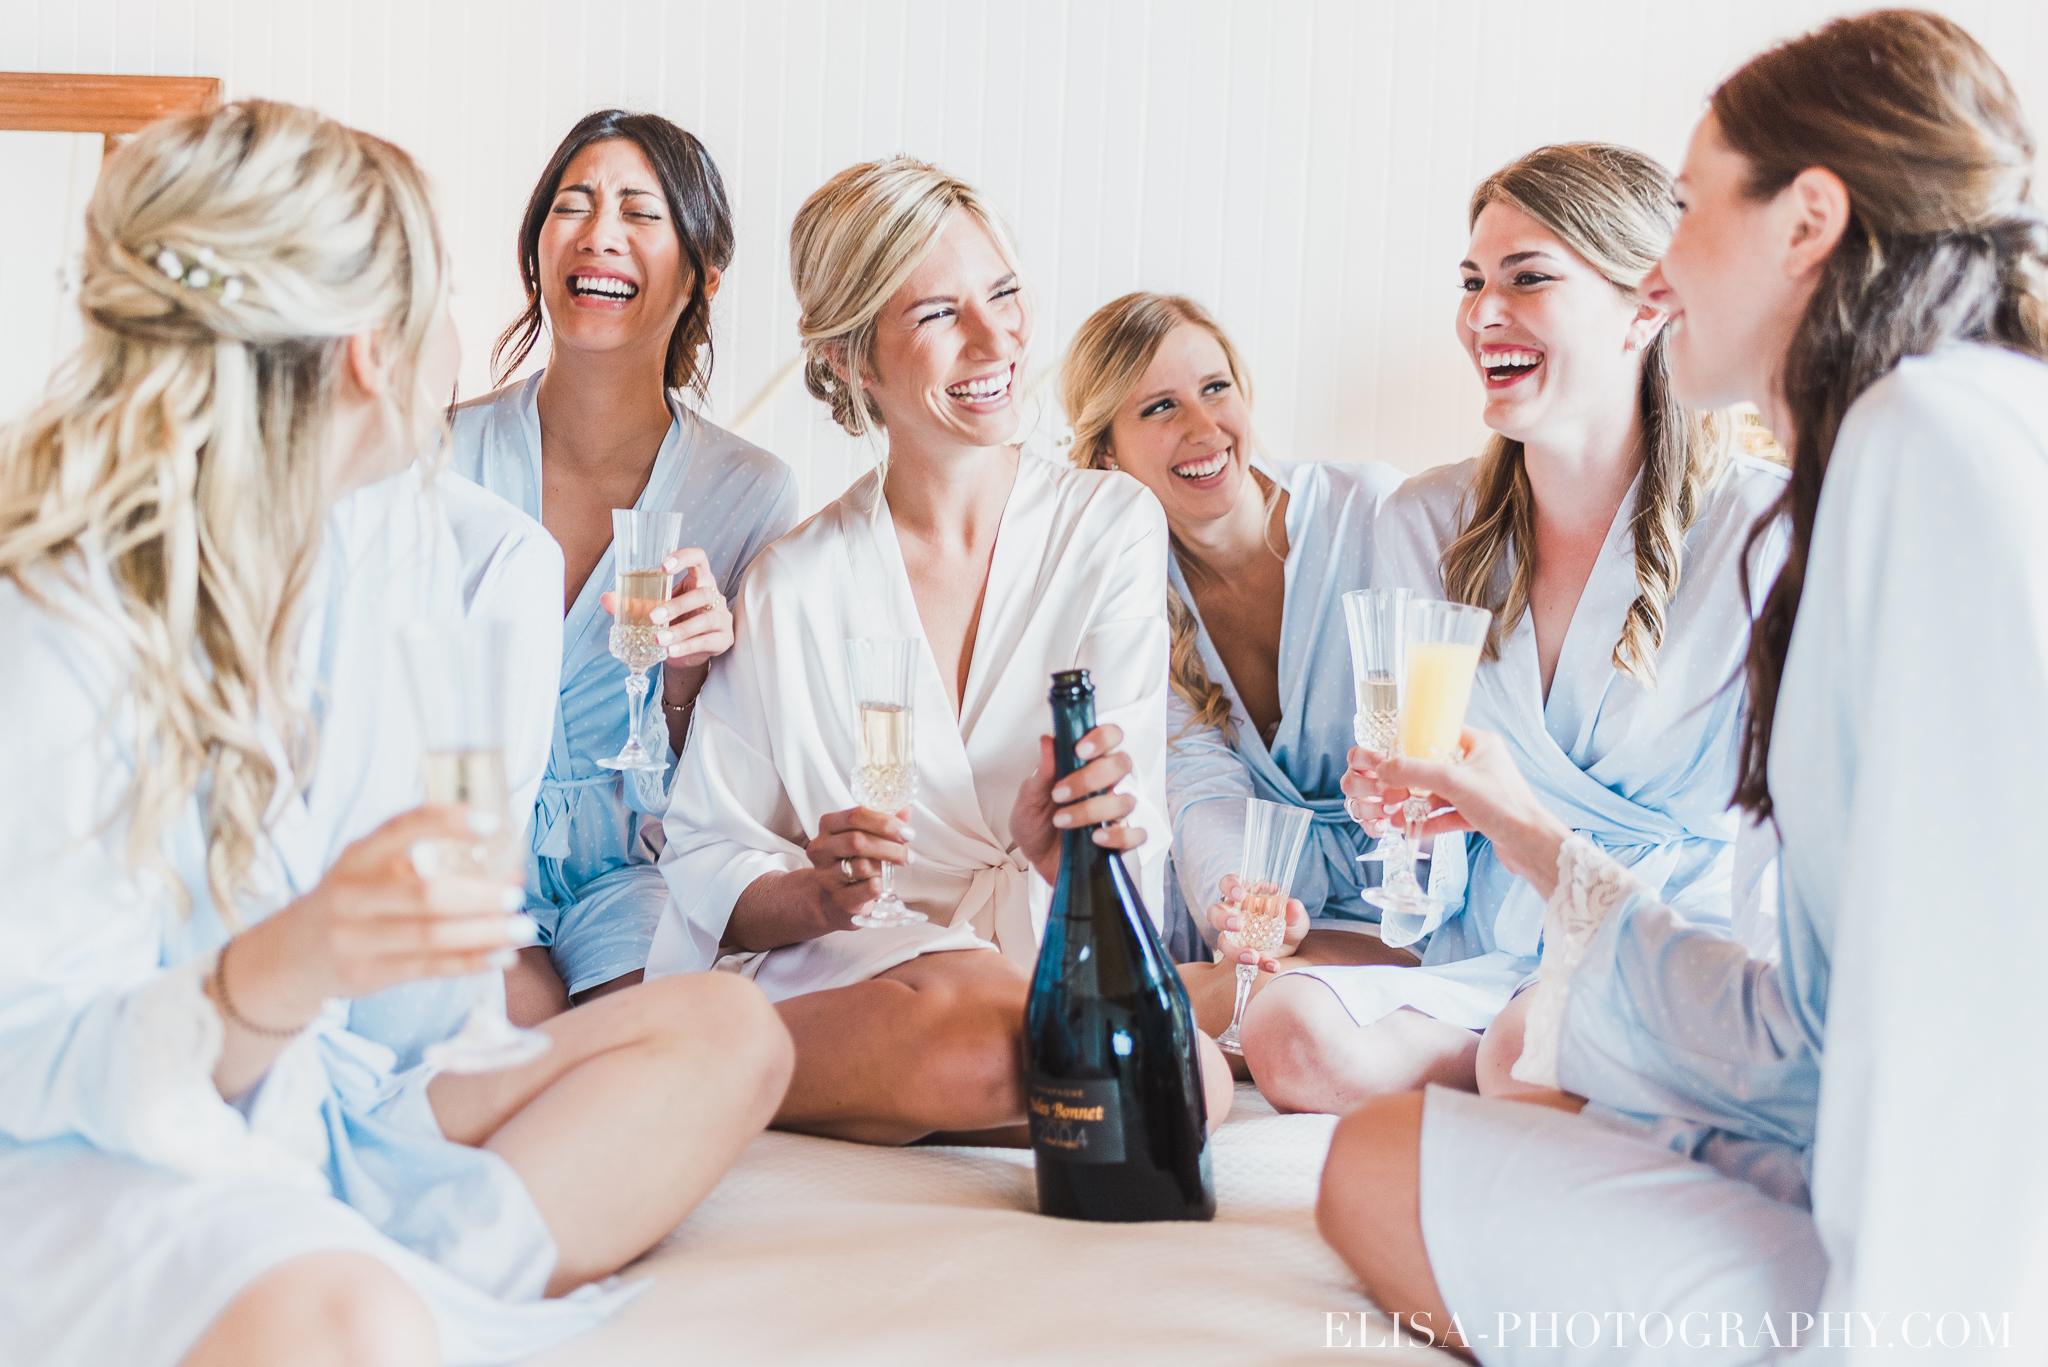 photo des demoiselles d'honneur buvant du champagne en robe de chambre et kimono pendant un mariage